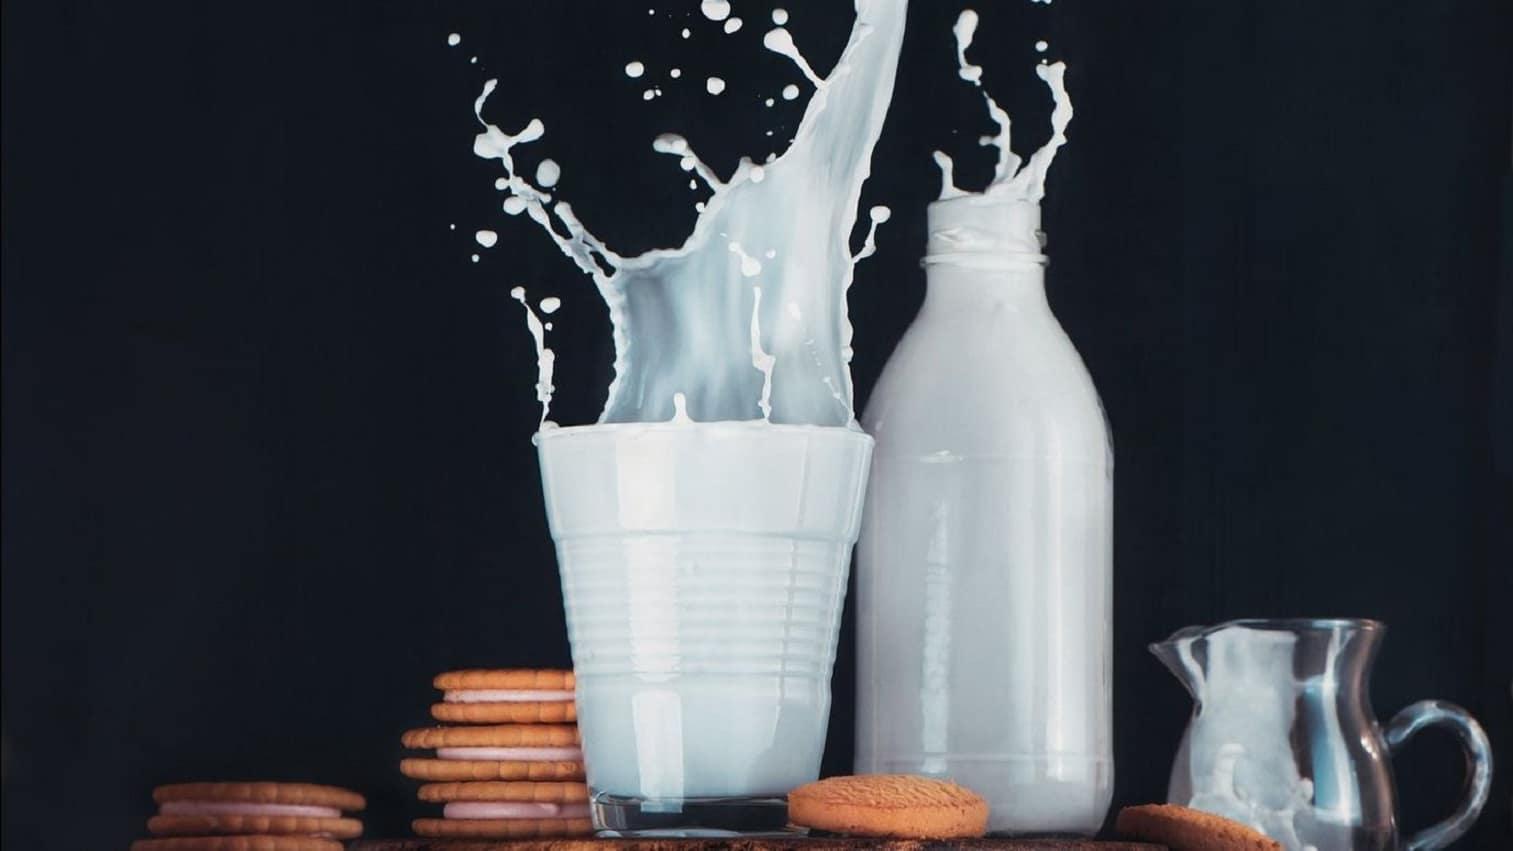 Сколько килограмм в литре молока